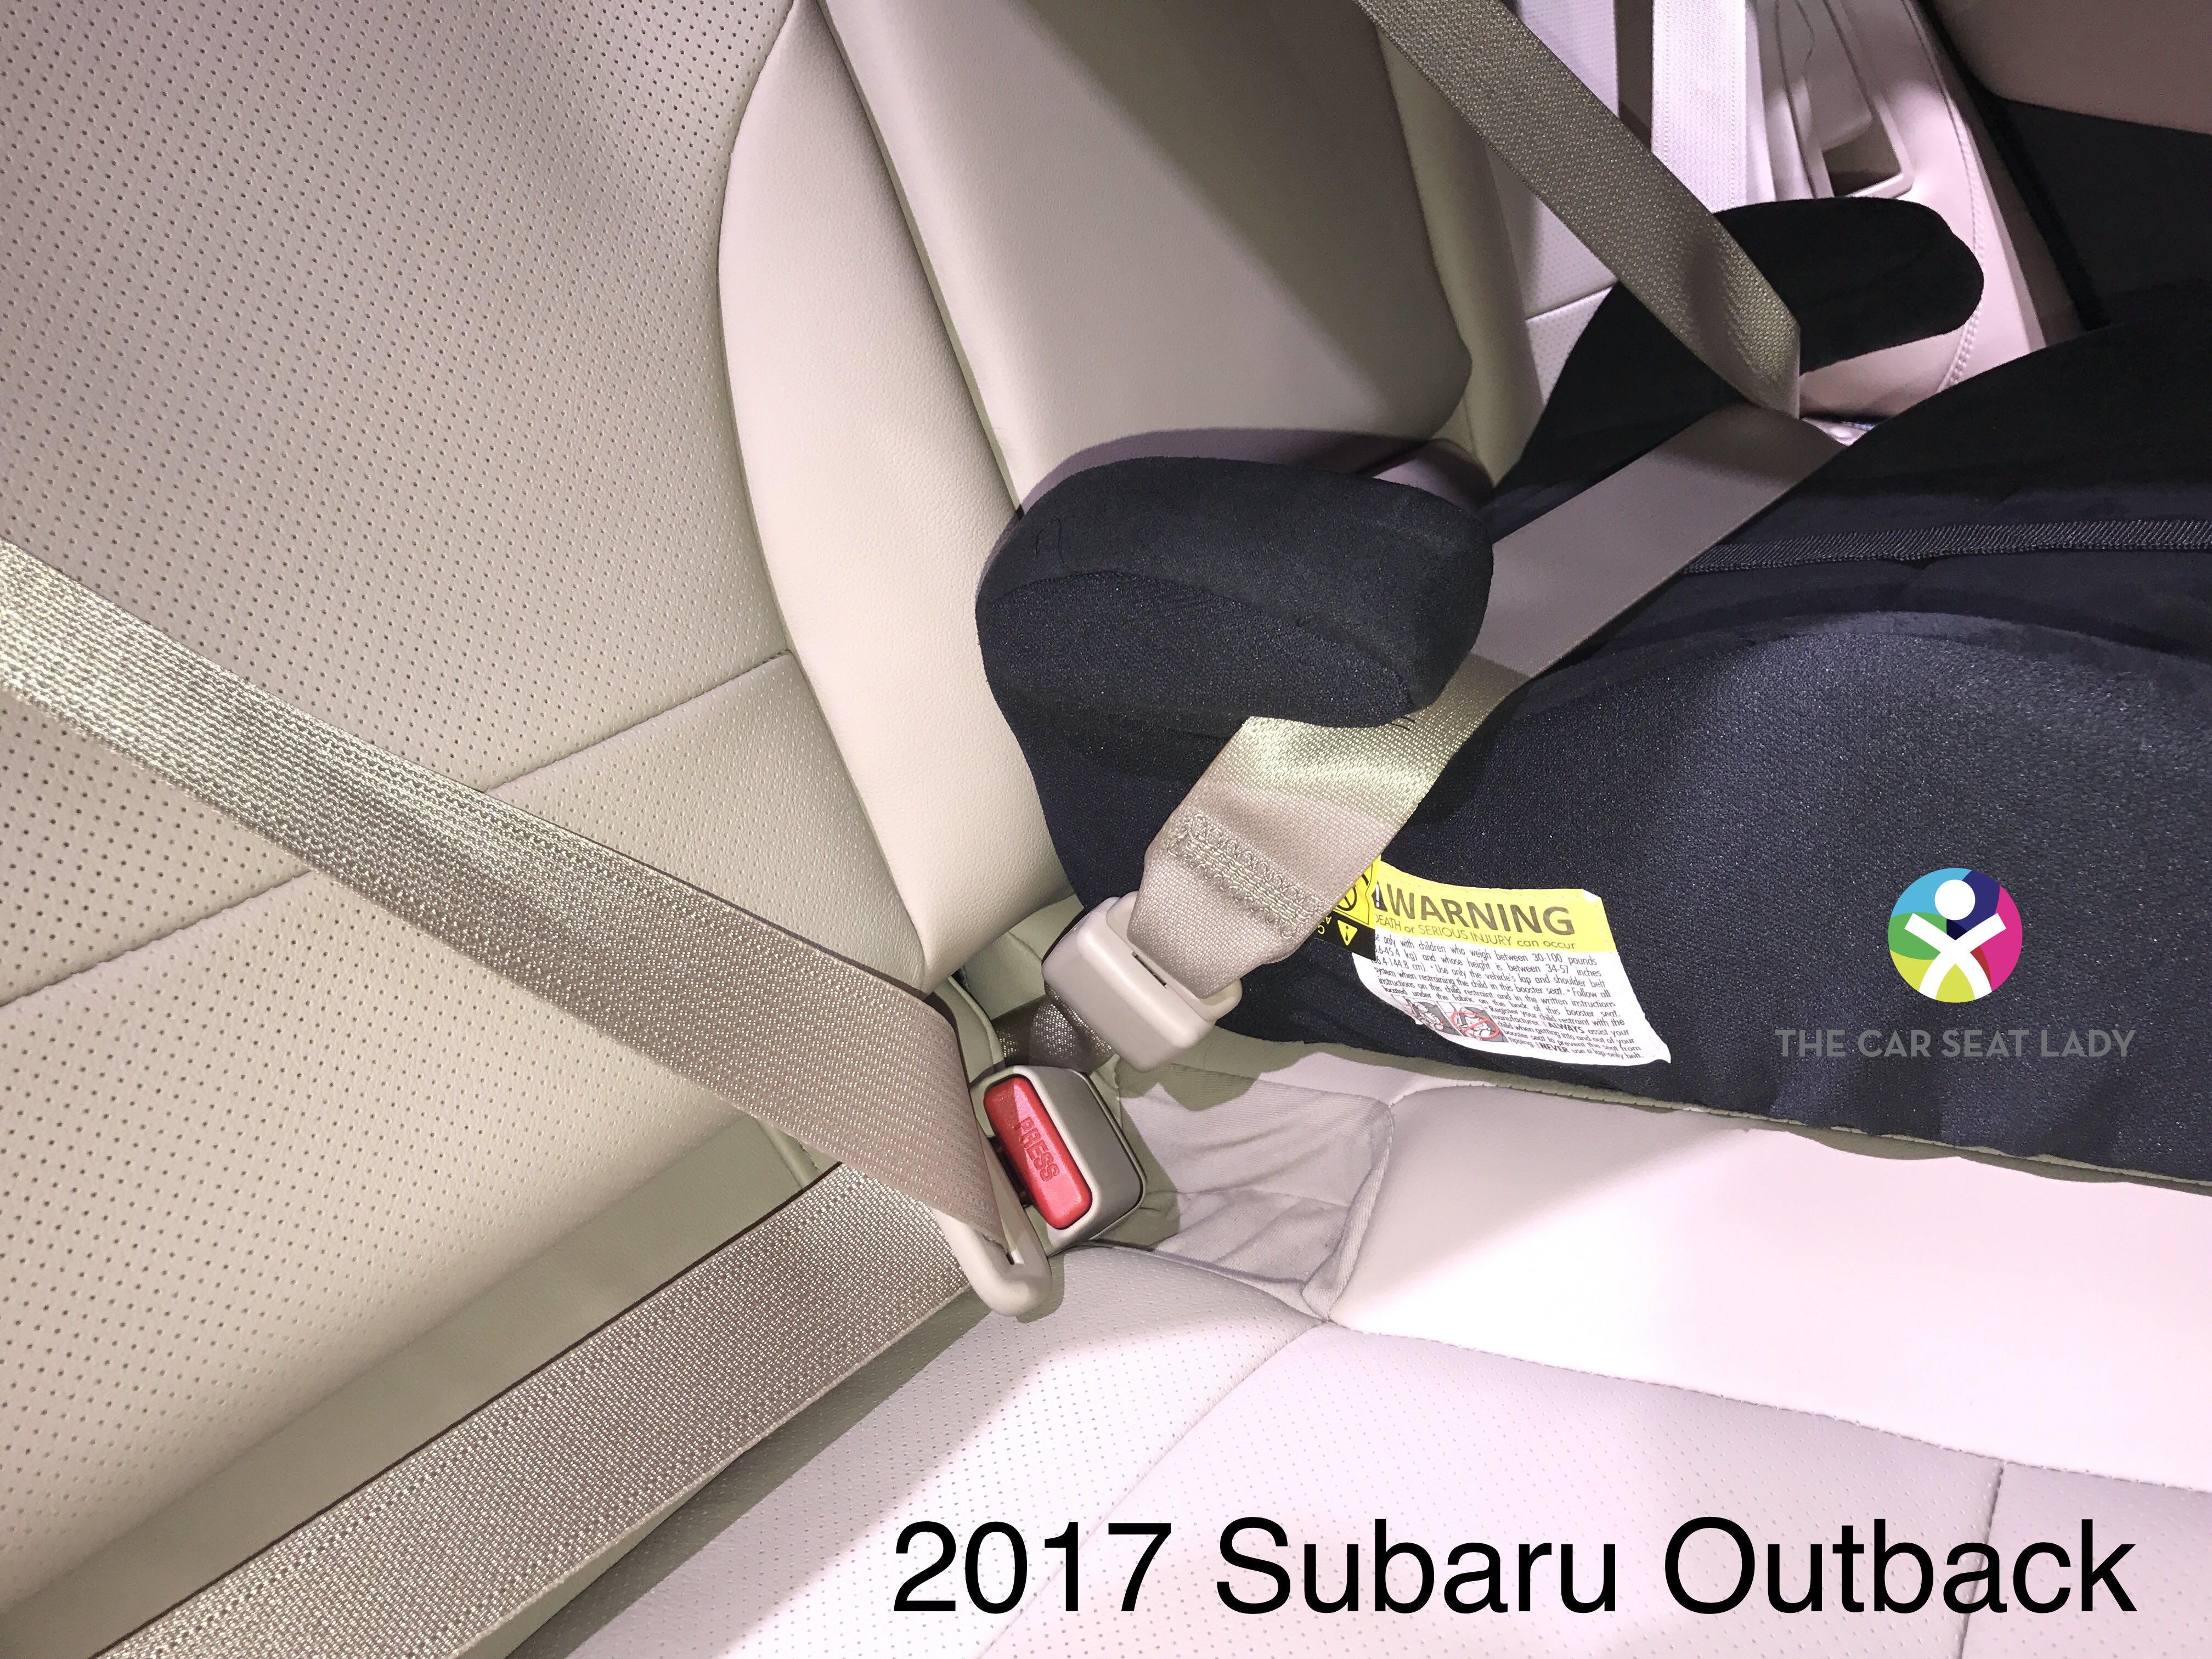 The Car Seat Lady – Subaru Outback